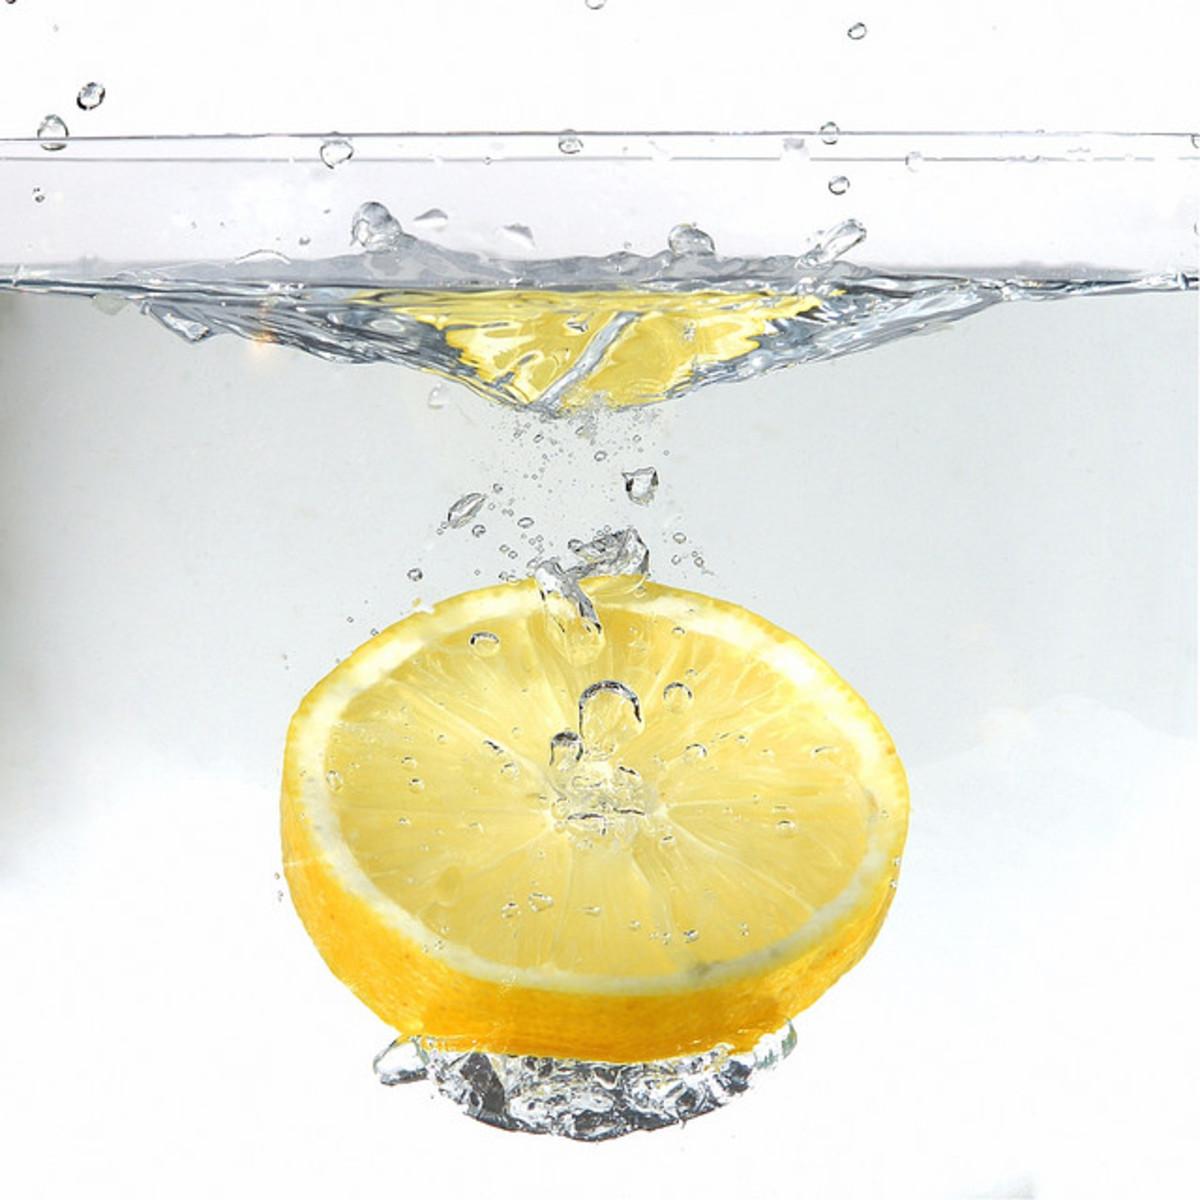 Refreshing lemon in water